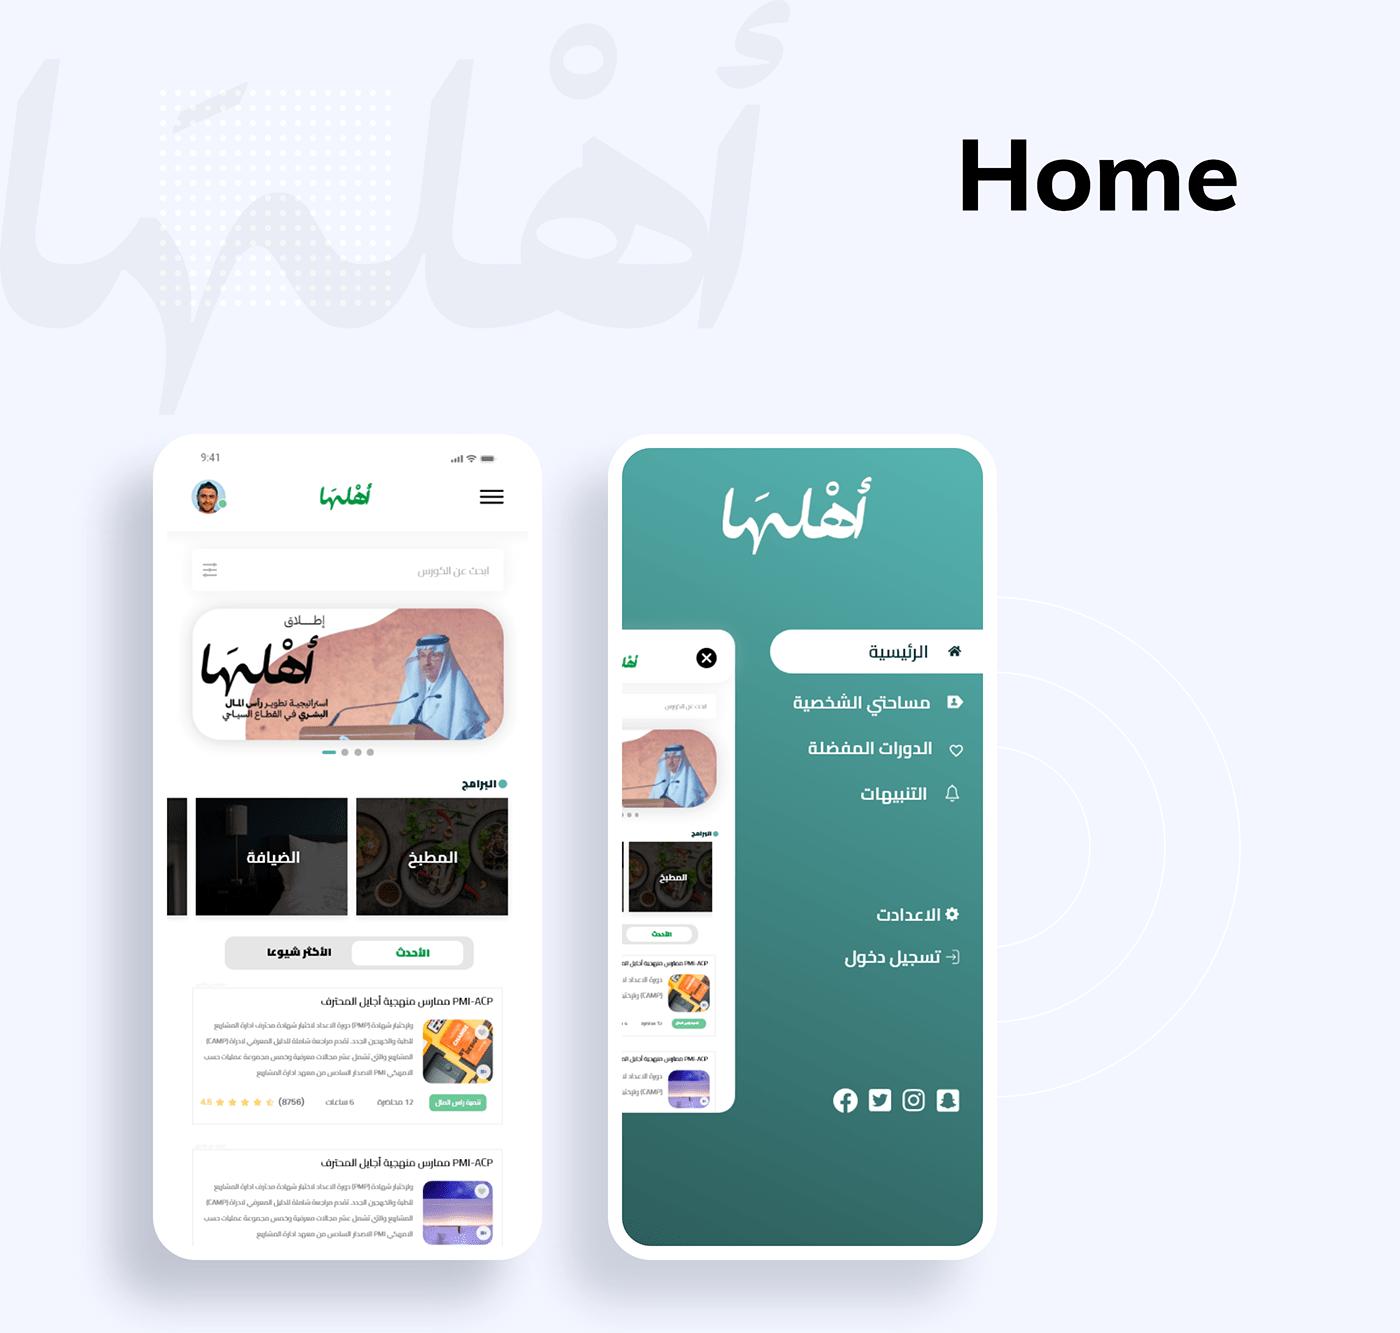 E-learning App egypt Interface KSA mobile Mobile app Saudi ui design user experience ux